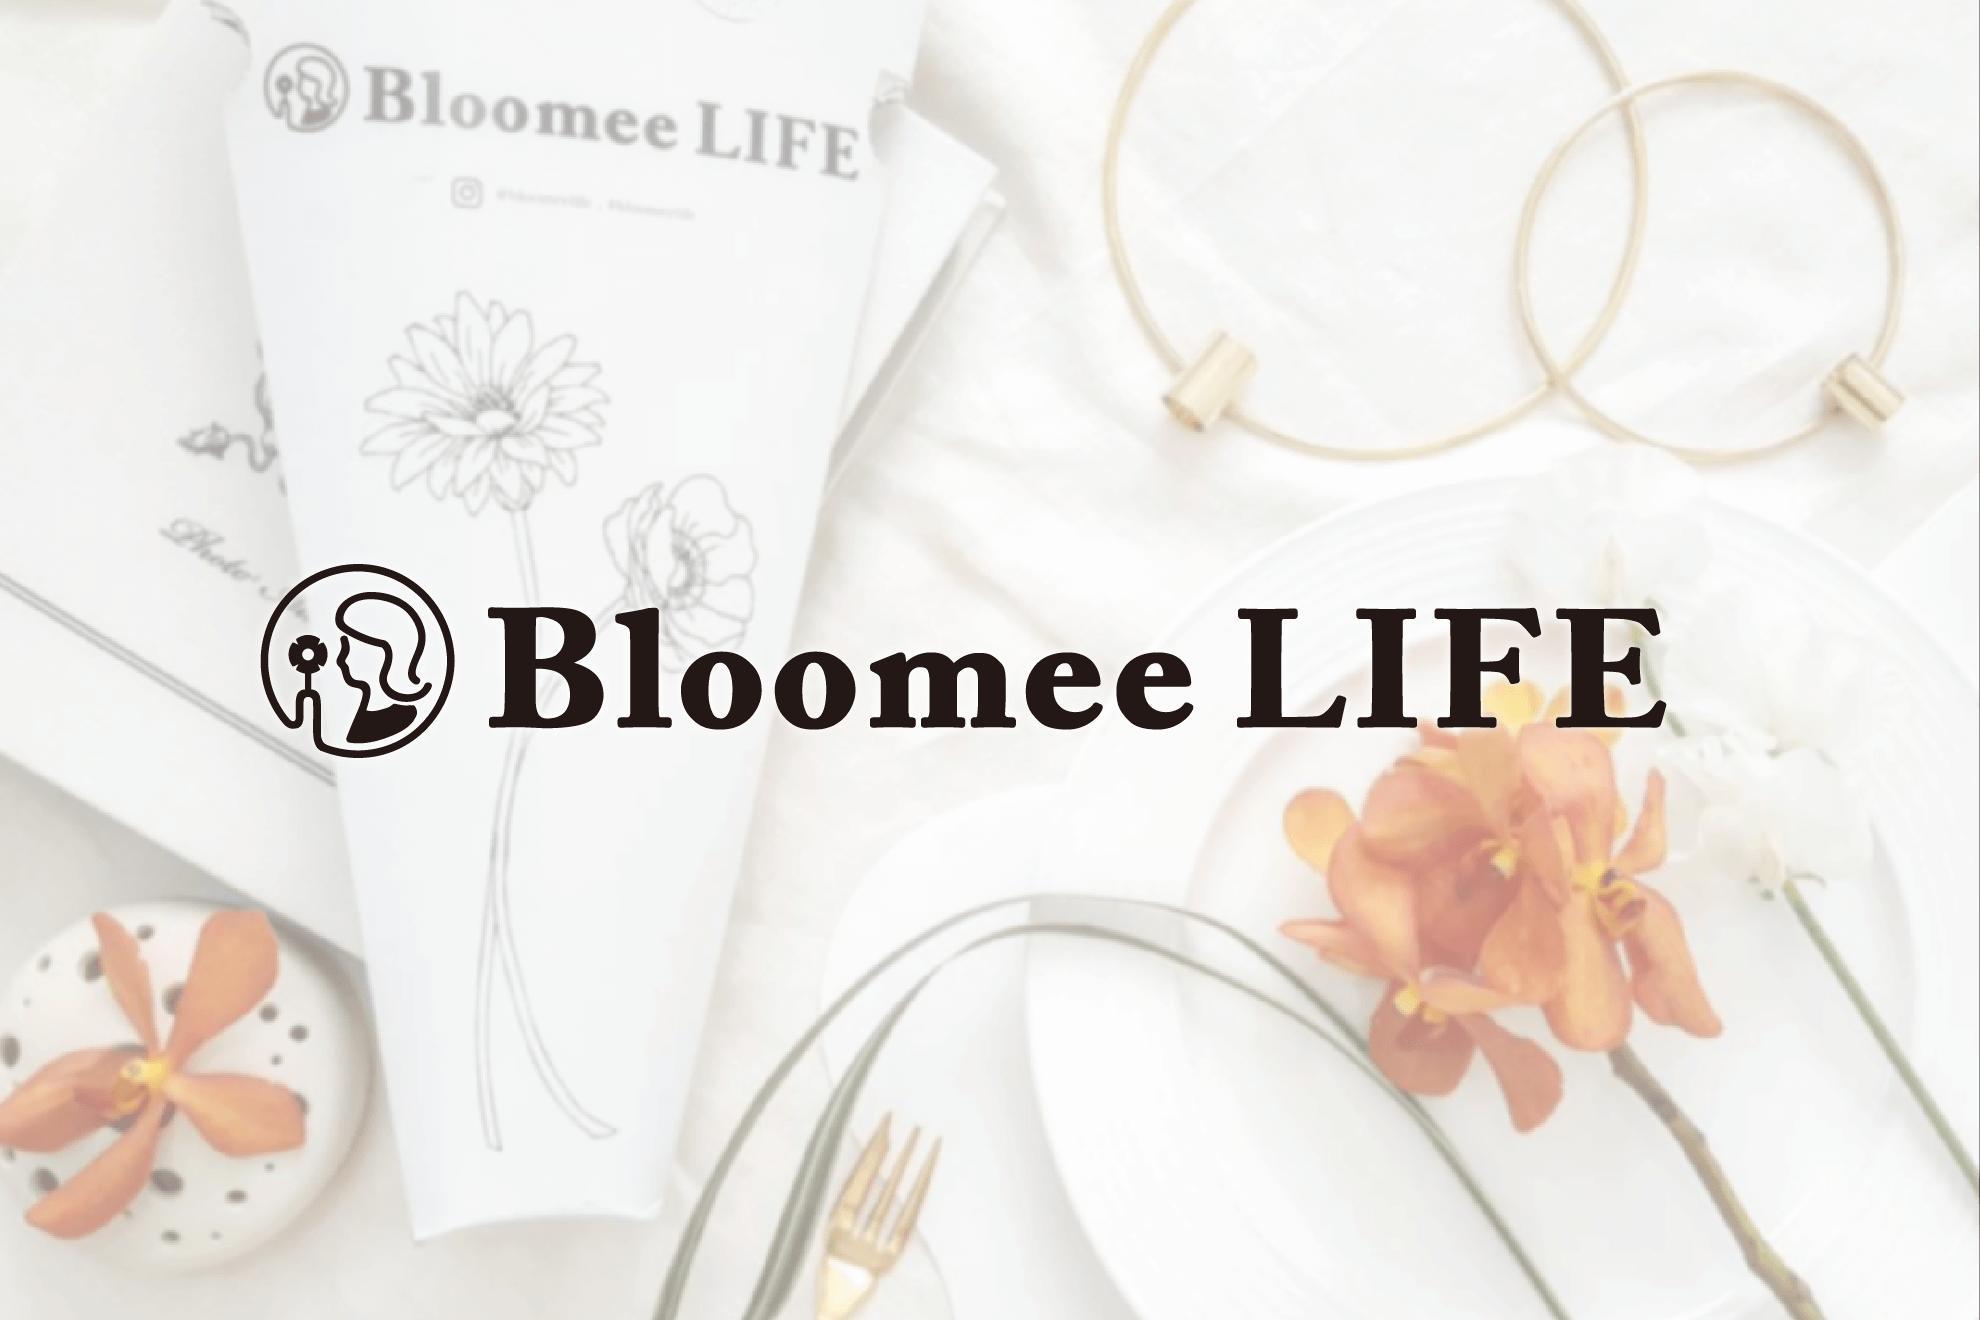 新しい形のオンライン花屋を創るフラワーキャスト募集!